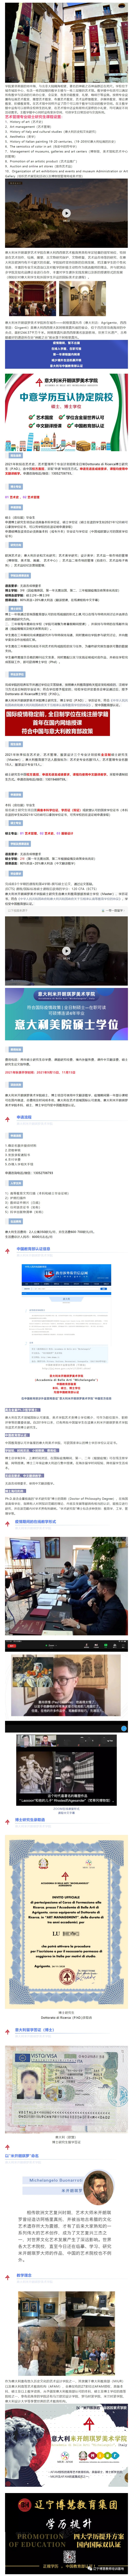 网页捕获_29-4-2021_182311_mp.weixin.qq.com